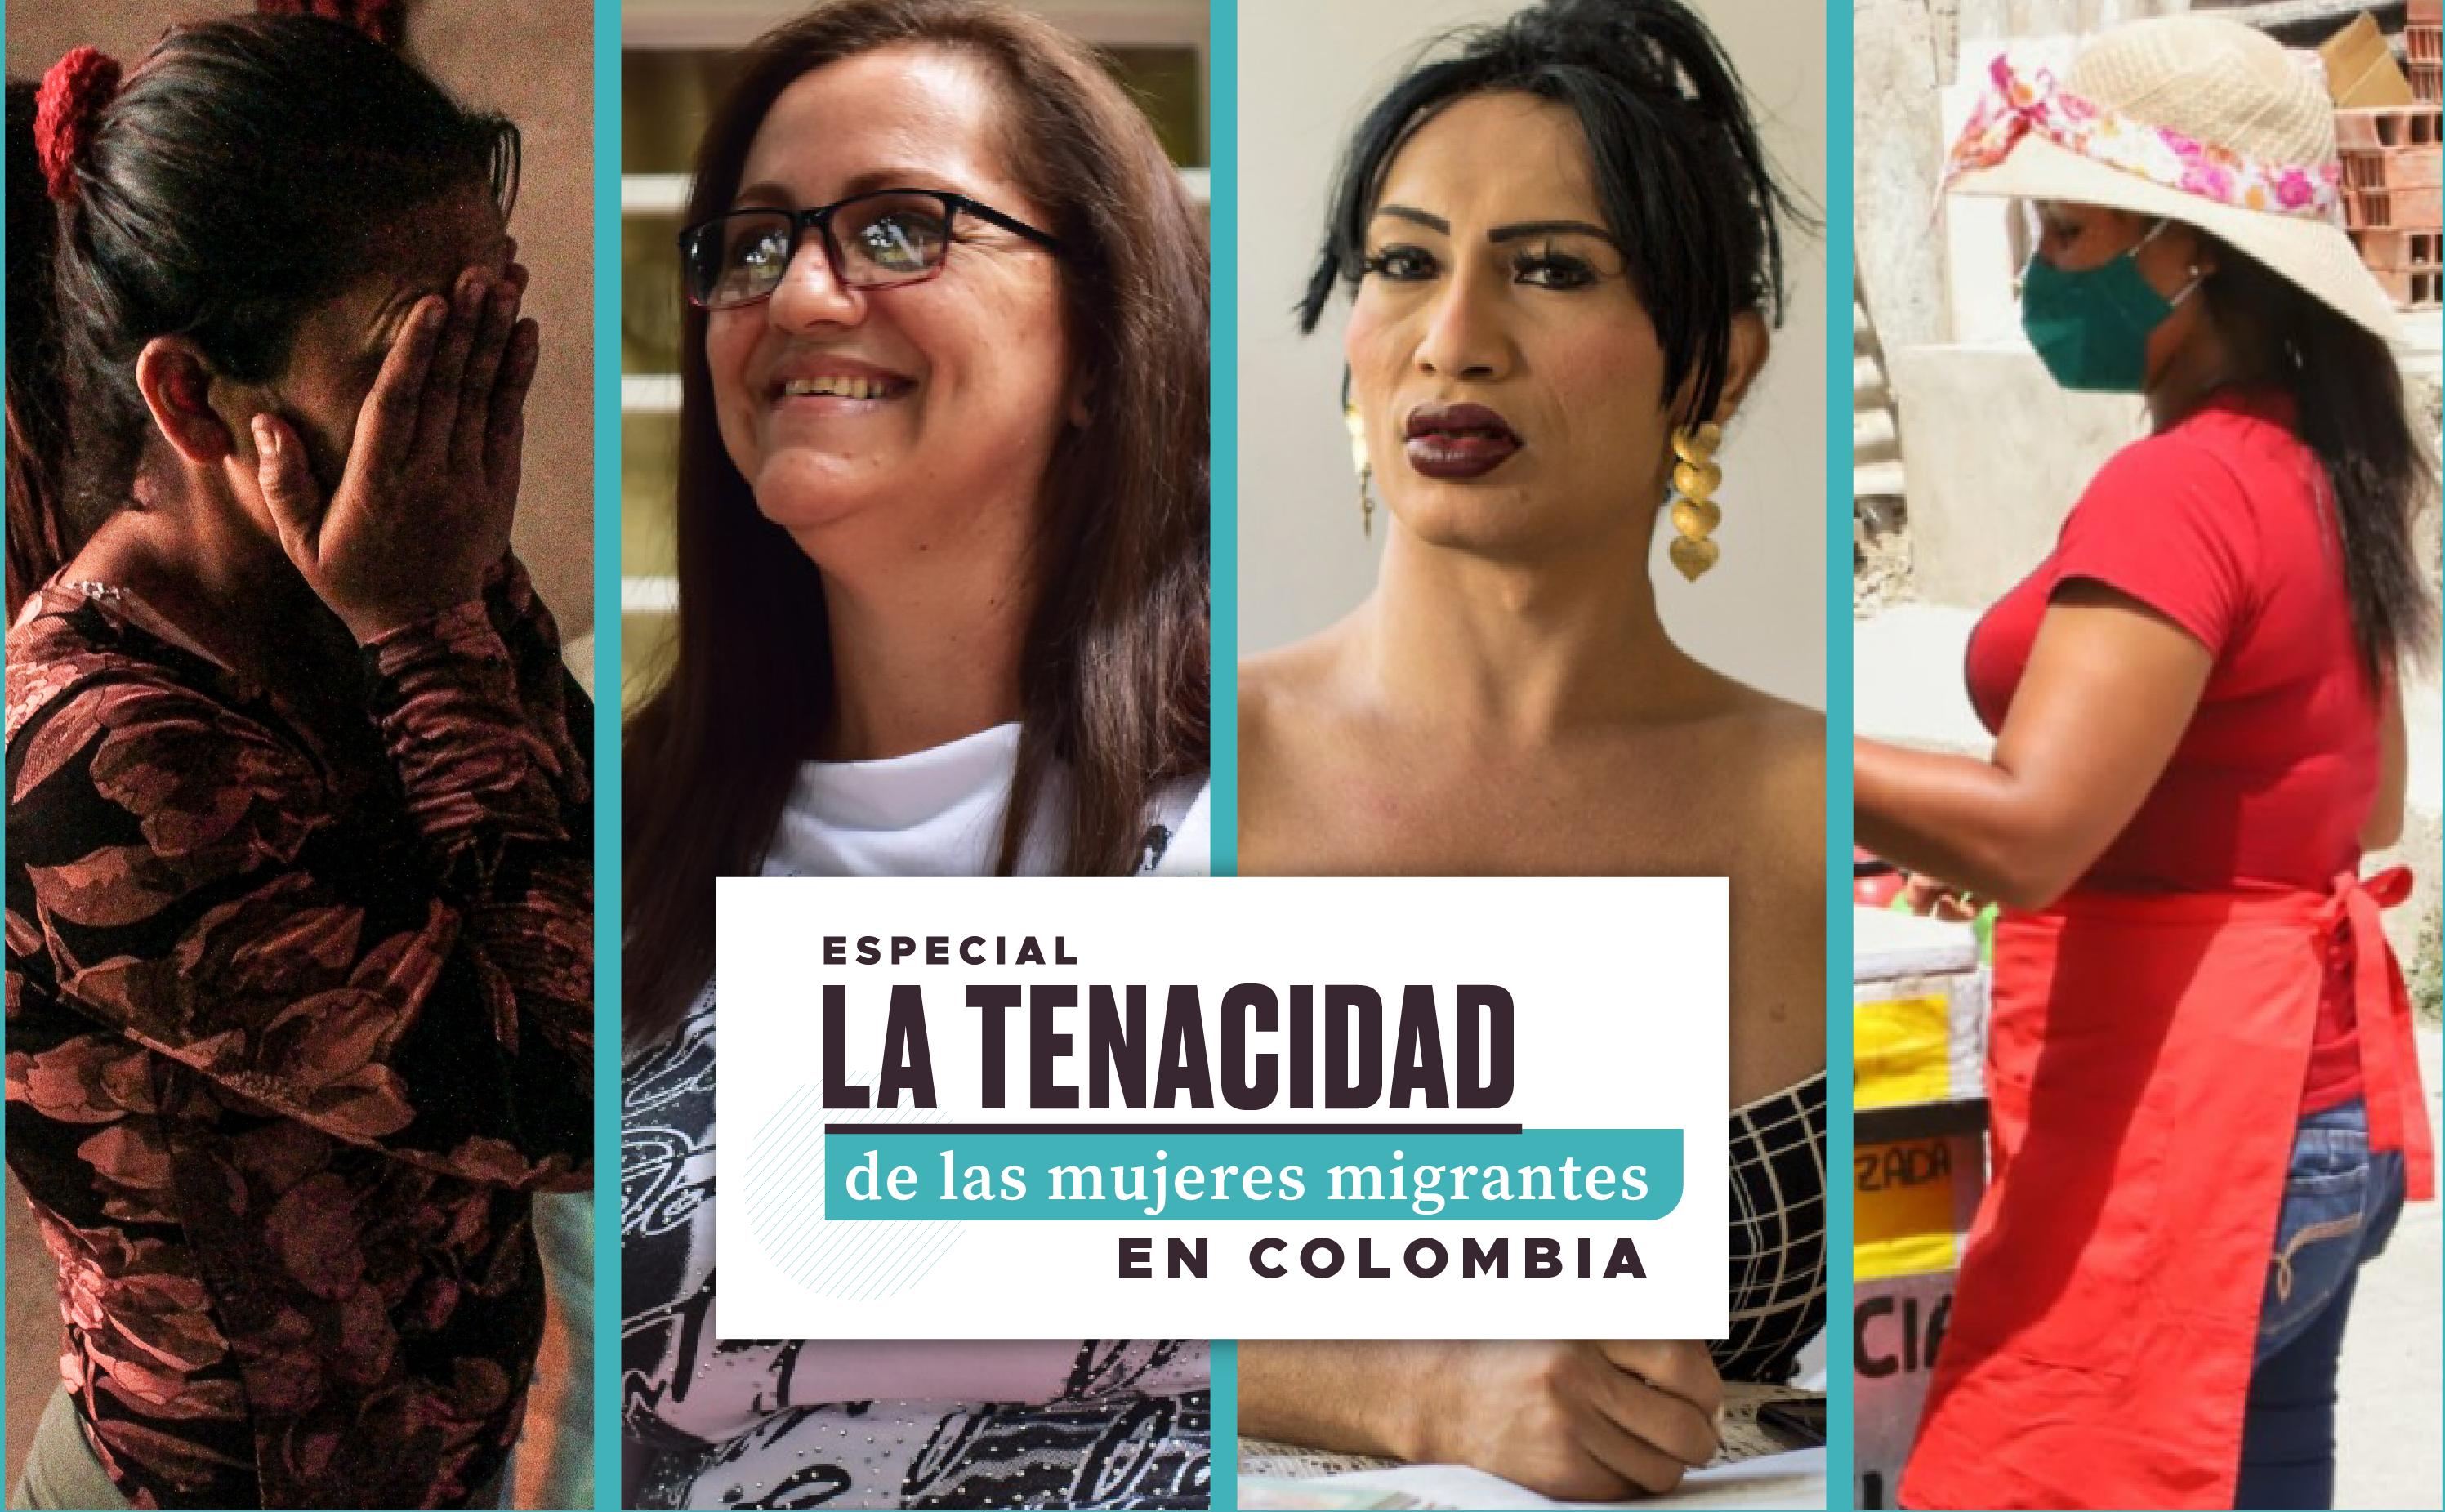 ESPECIAL | La tenacidad de las mujeres migrantes en Colombia